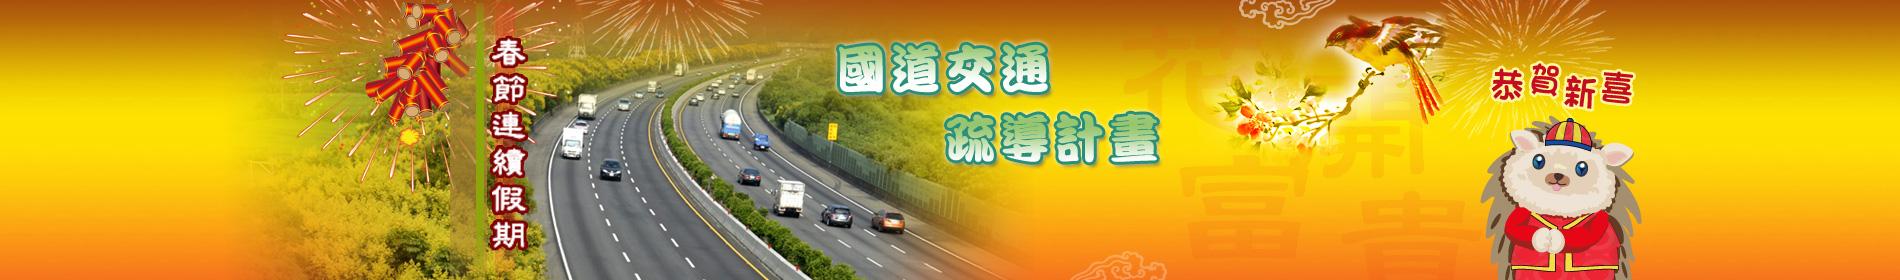 春節連續假期交通宣導(另開新視窗)